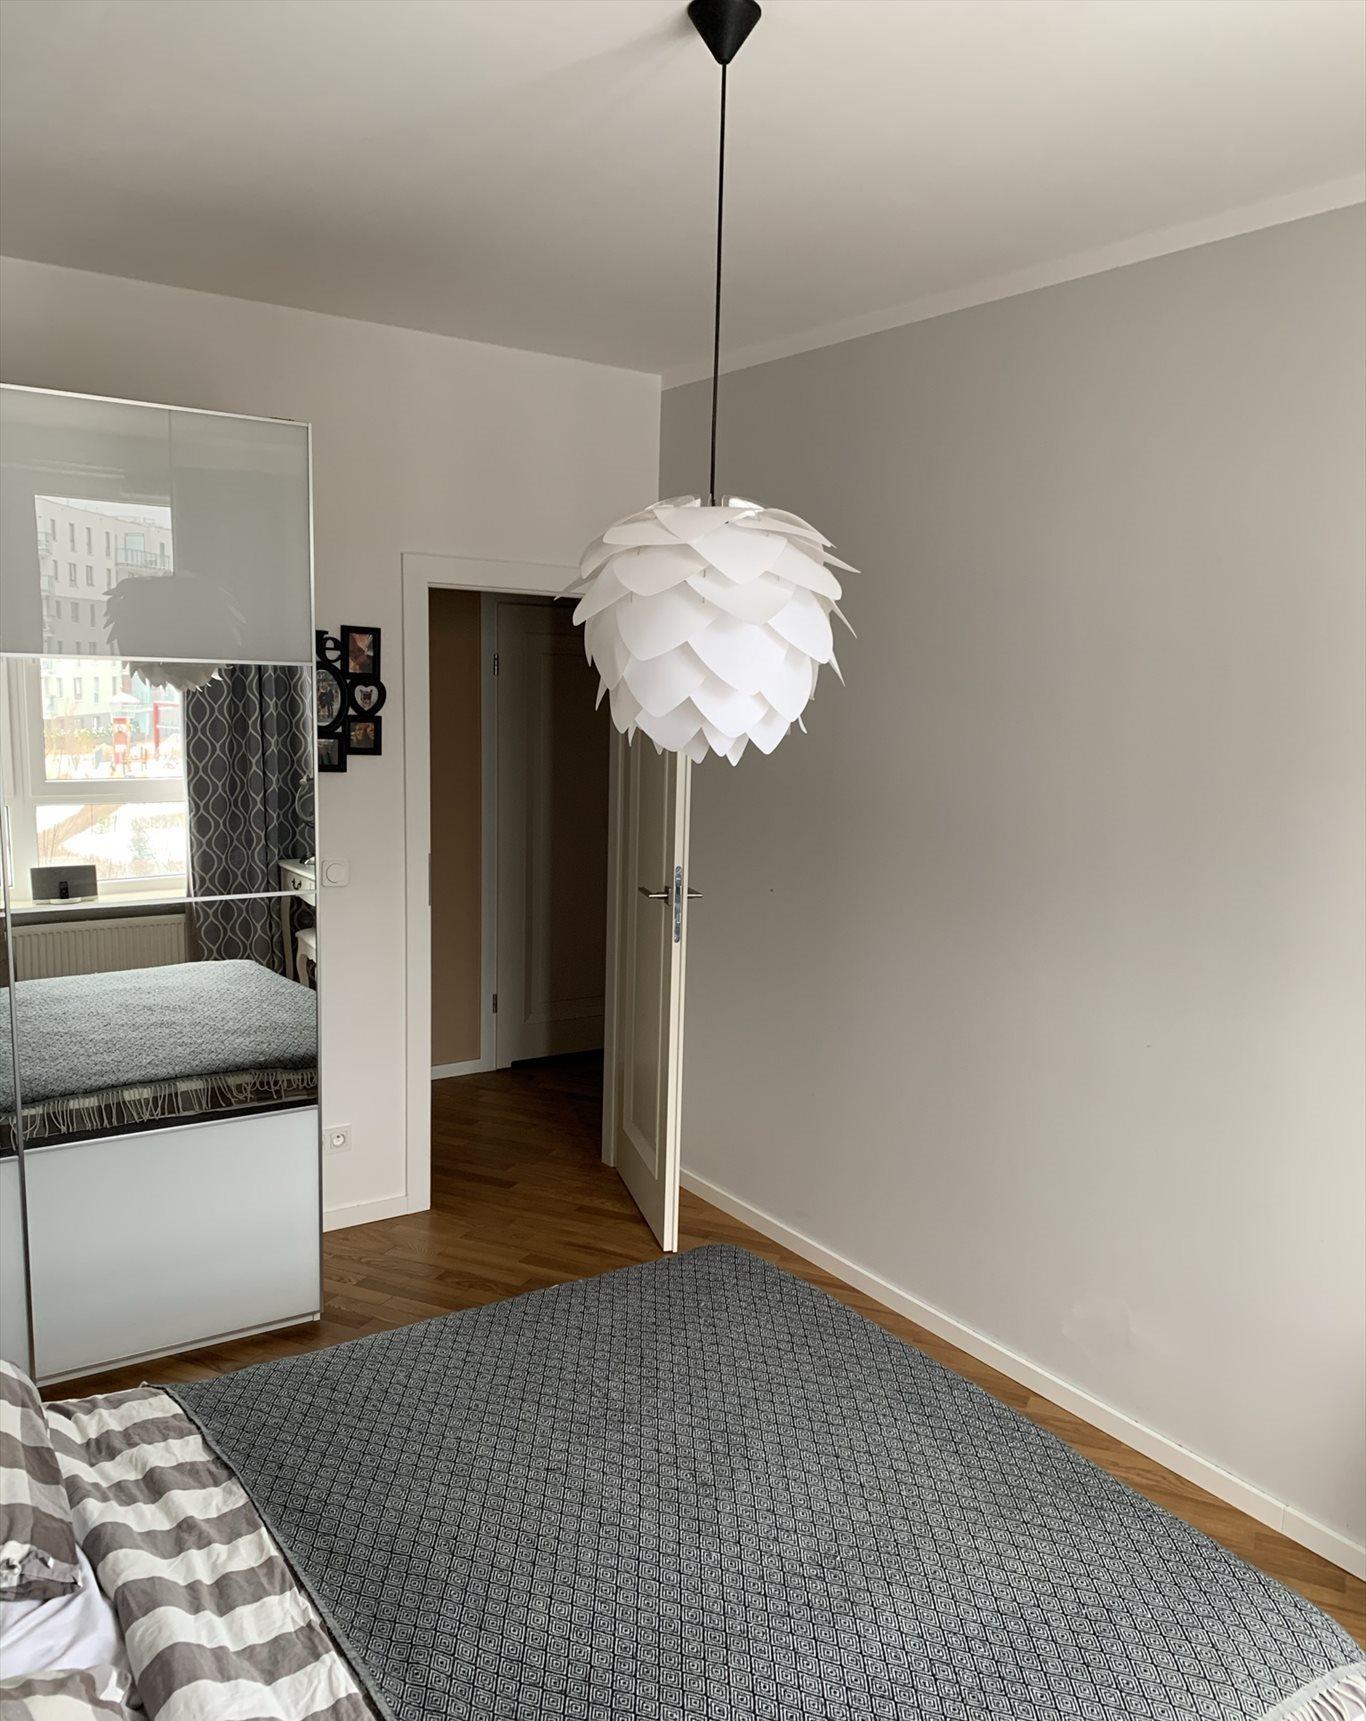 Mieszkanie trzypokojowe na sprzedaż Warszawa, Ursynów, CPU Marvipol, warszawa, kłobucka  68m2 Foto 4